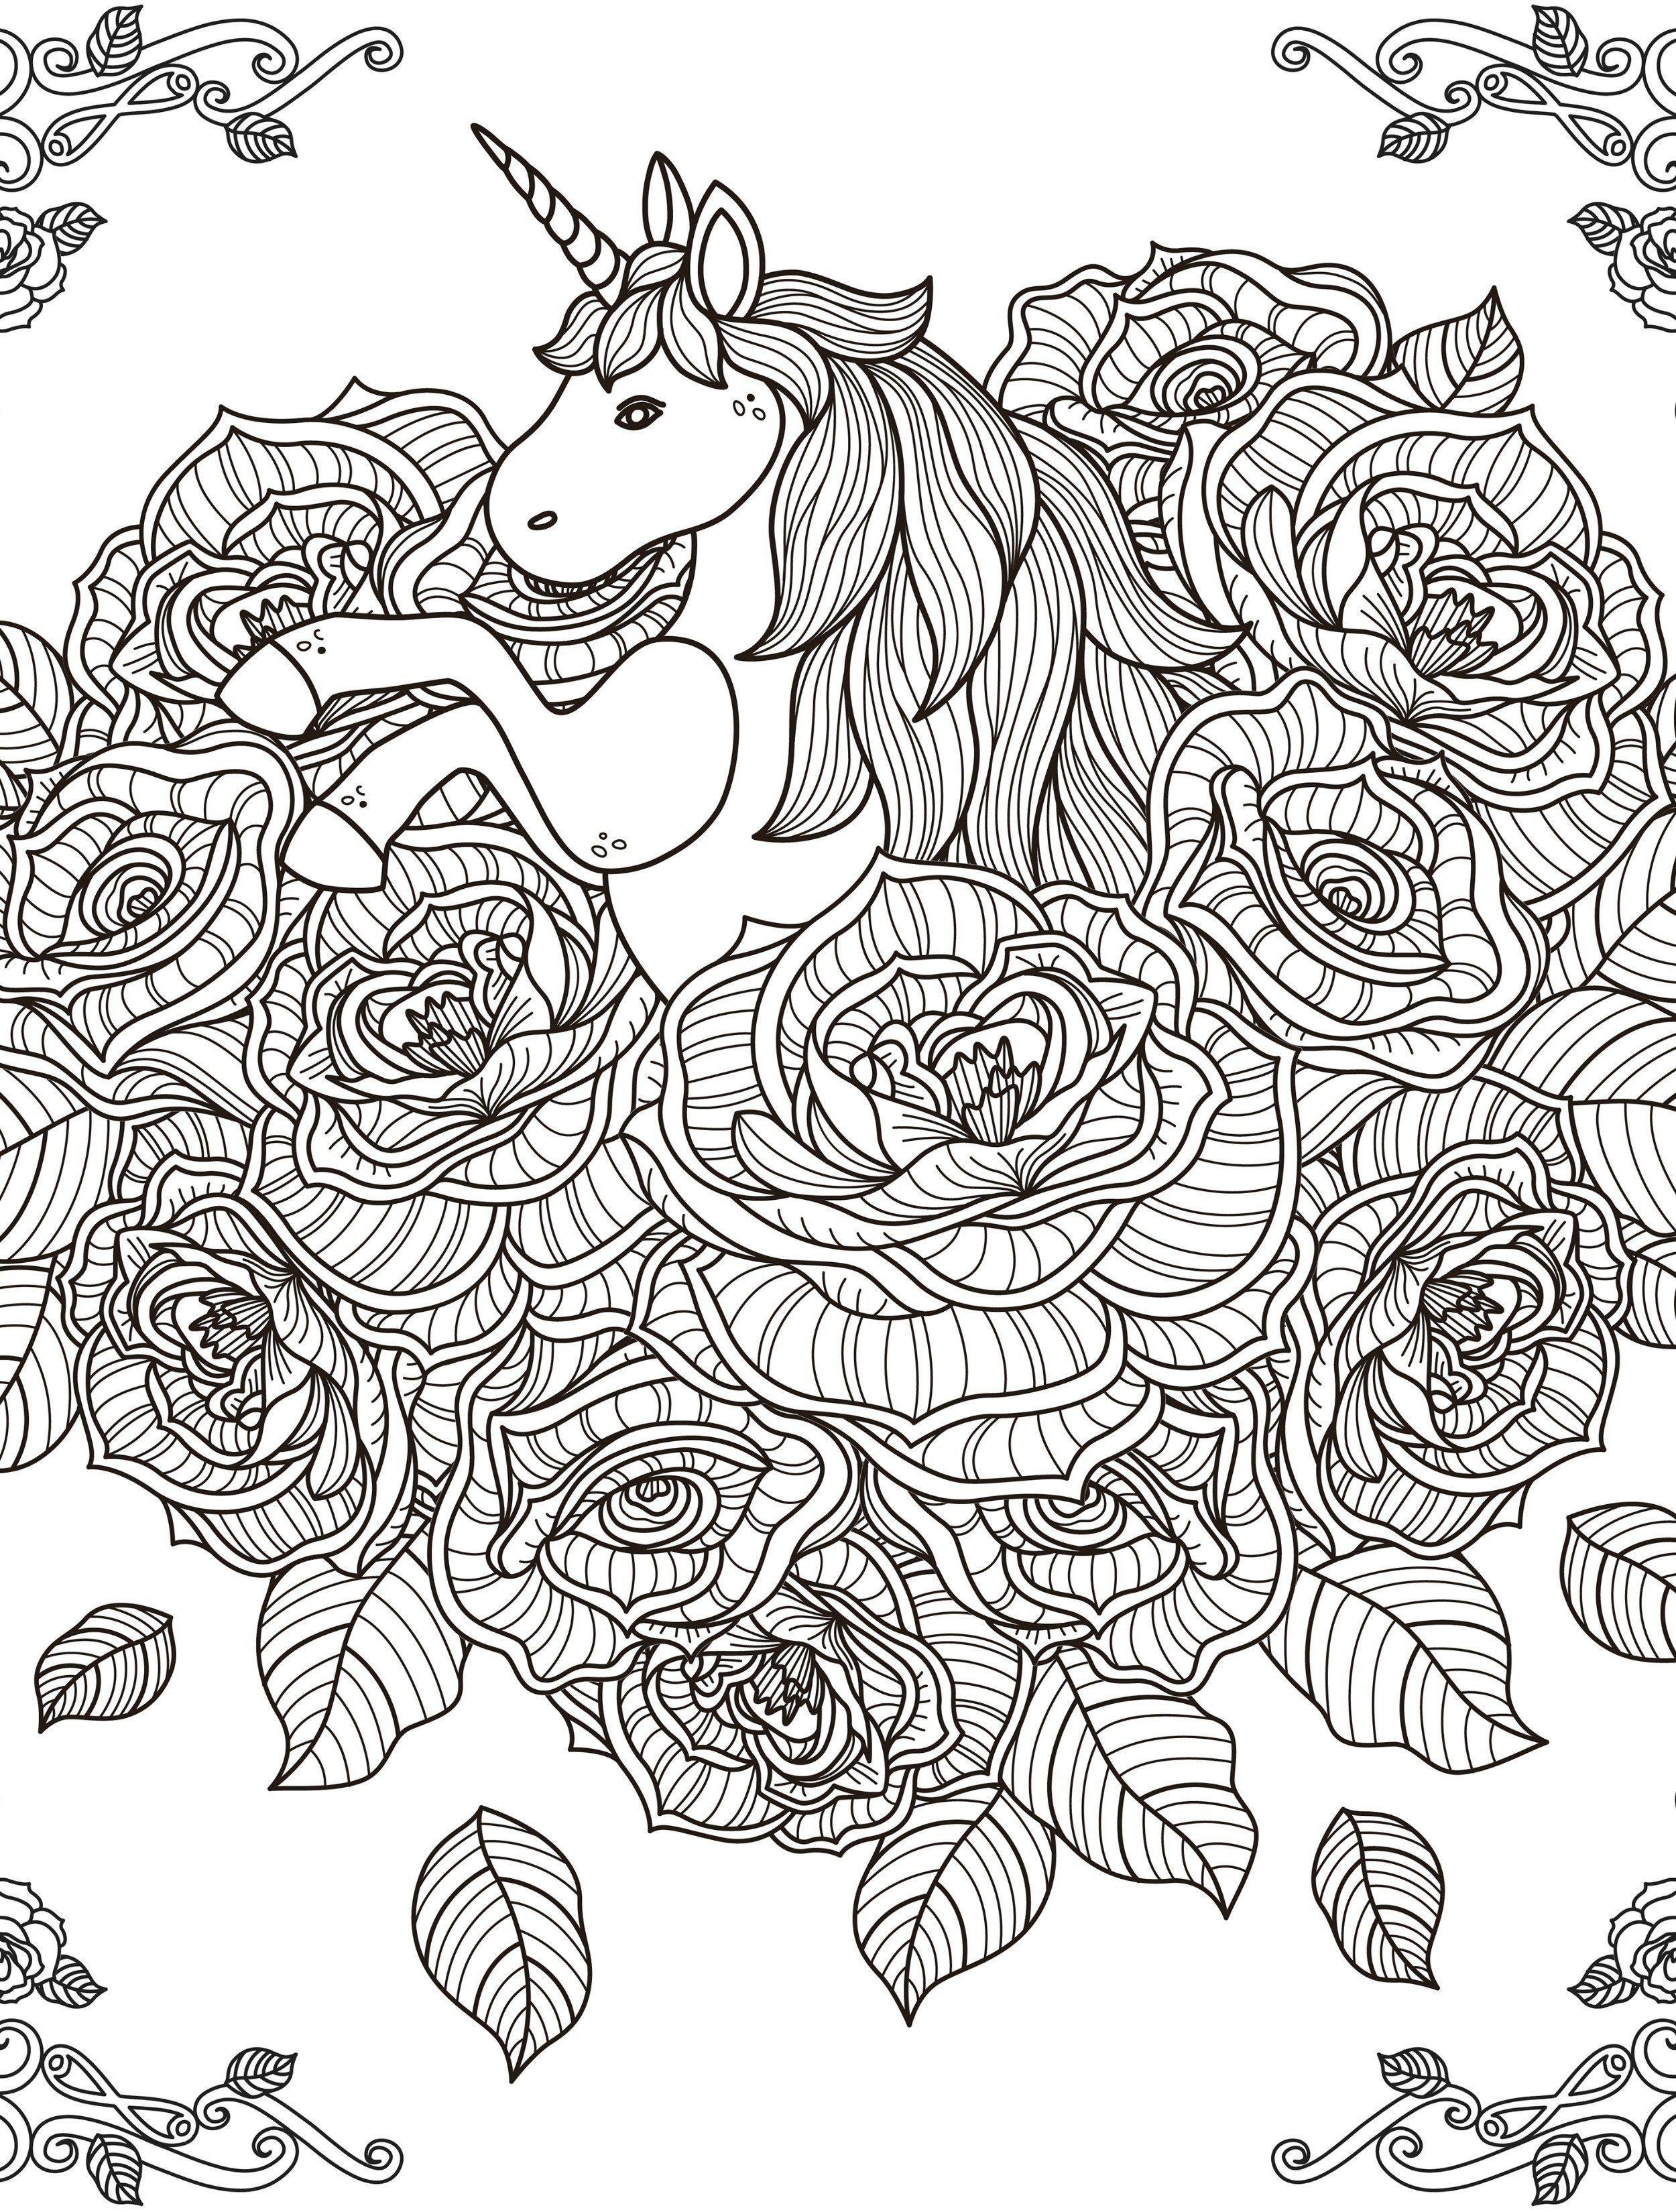 Mandalas De Unicornios Para Colorear Unicornios Para Colorear